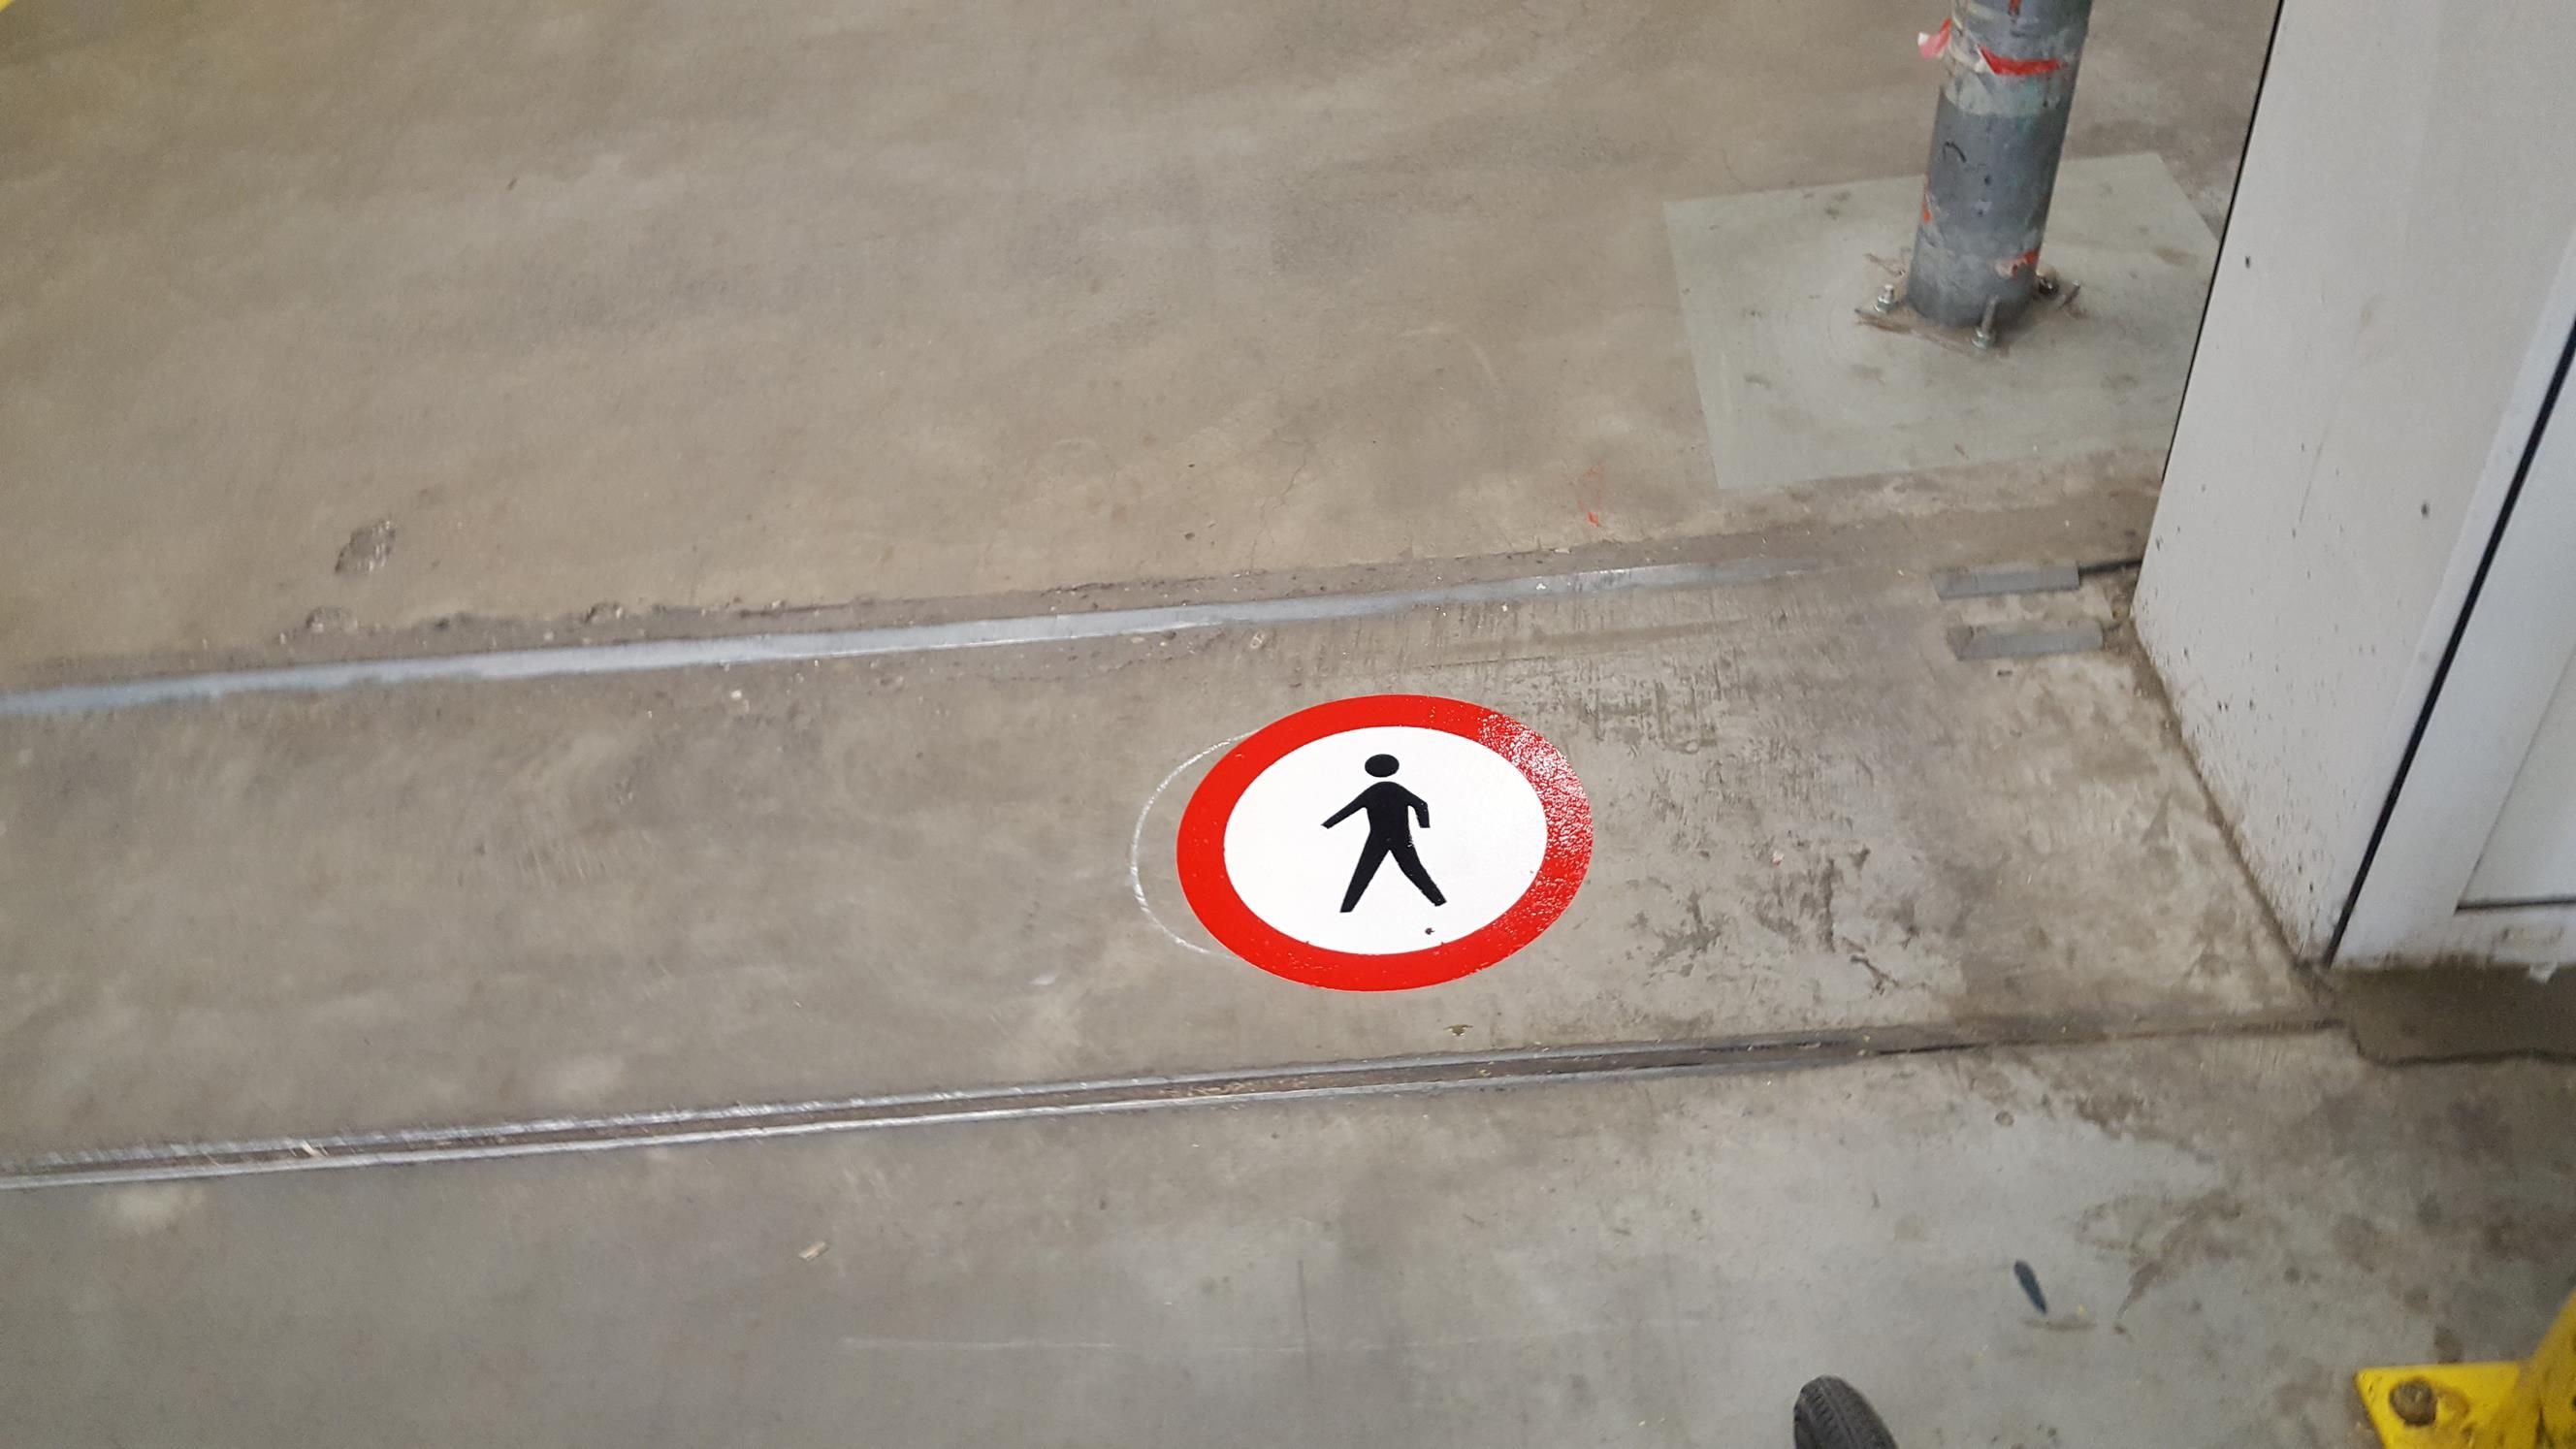 Belijning symbool verboden voor voetgangers